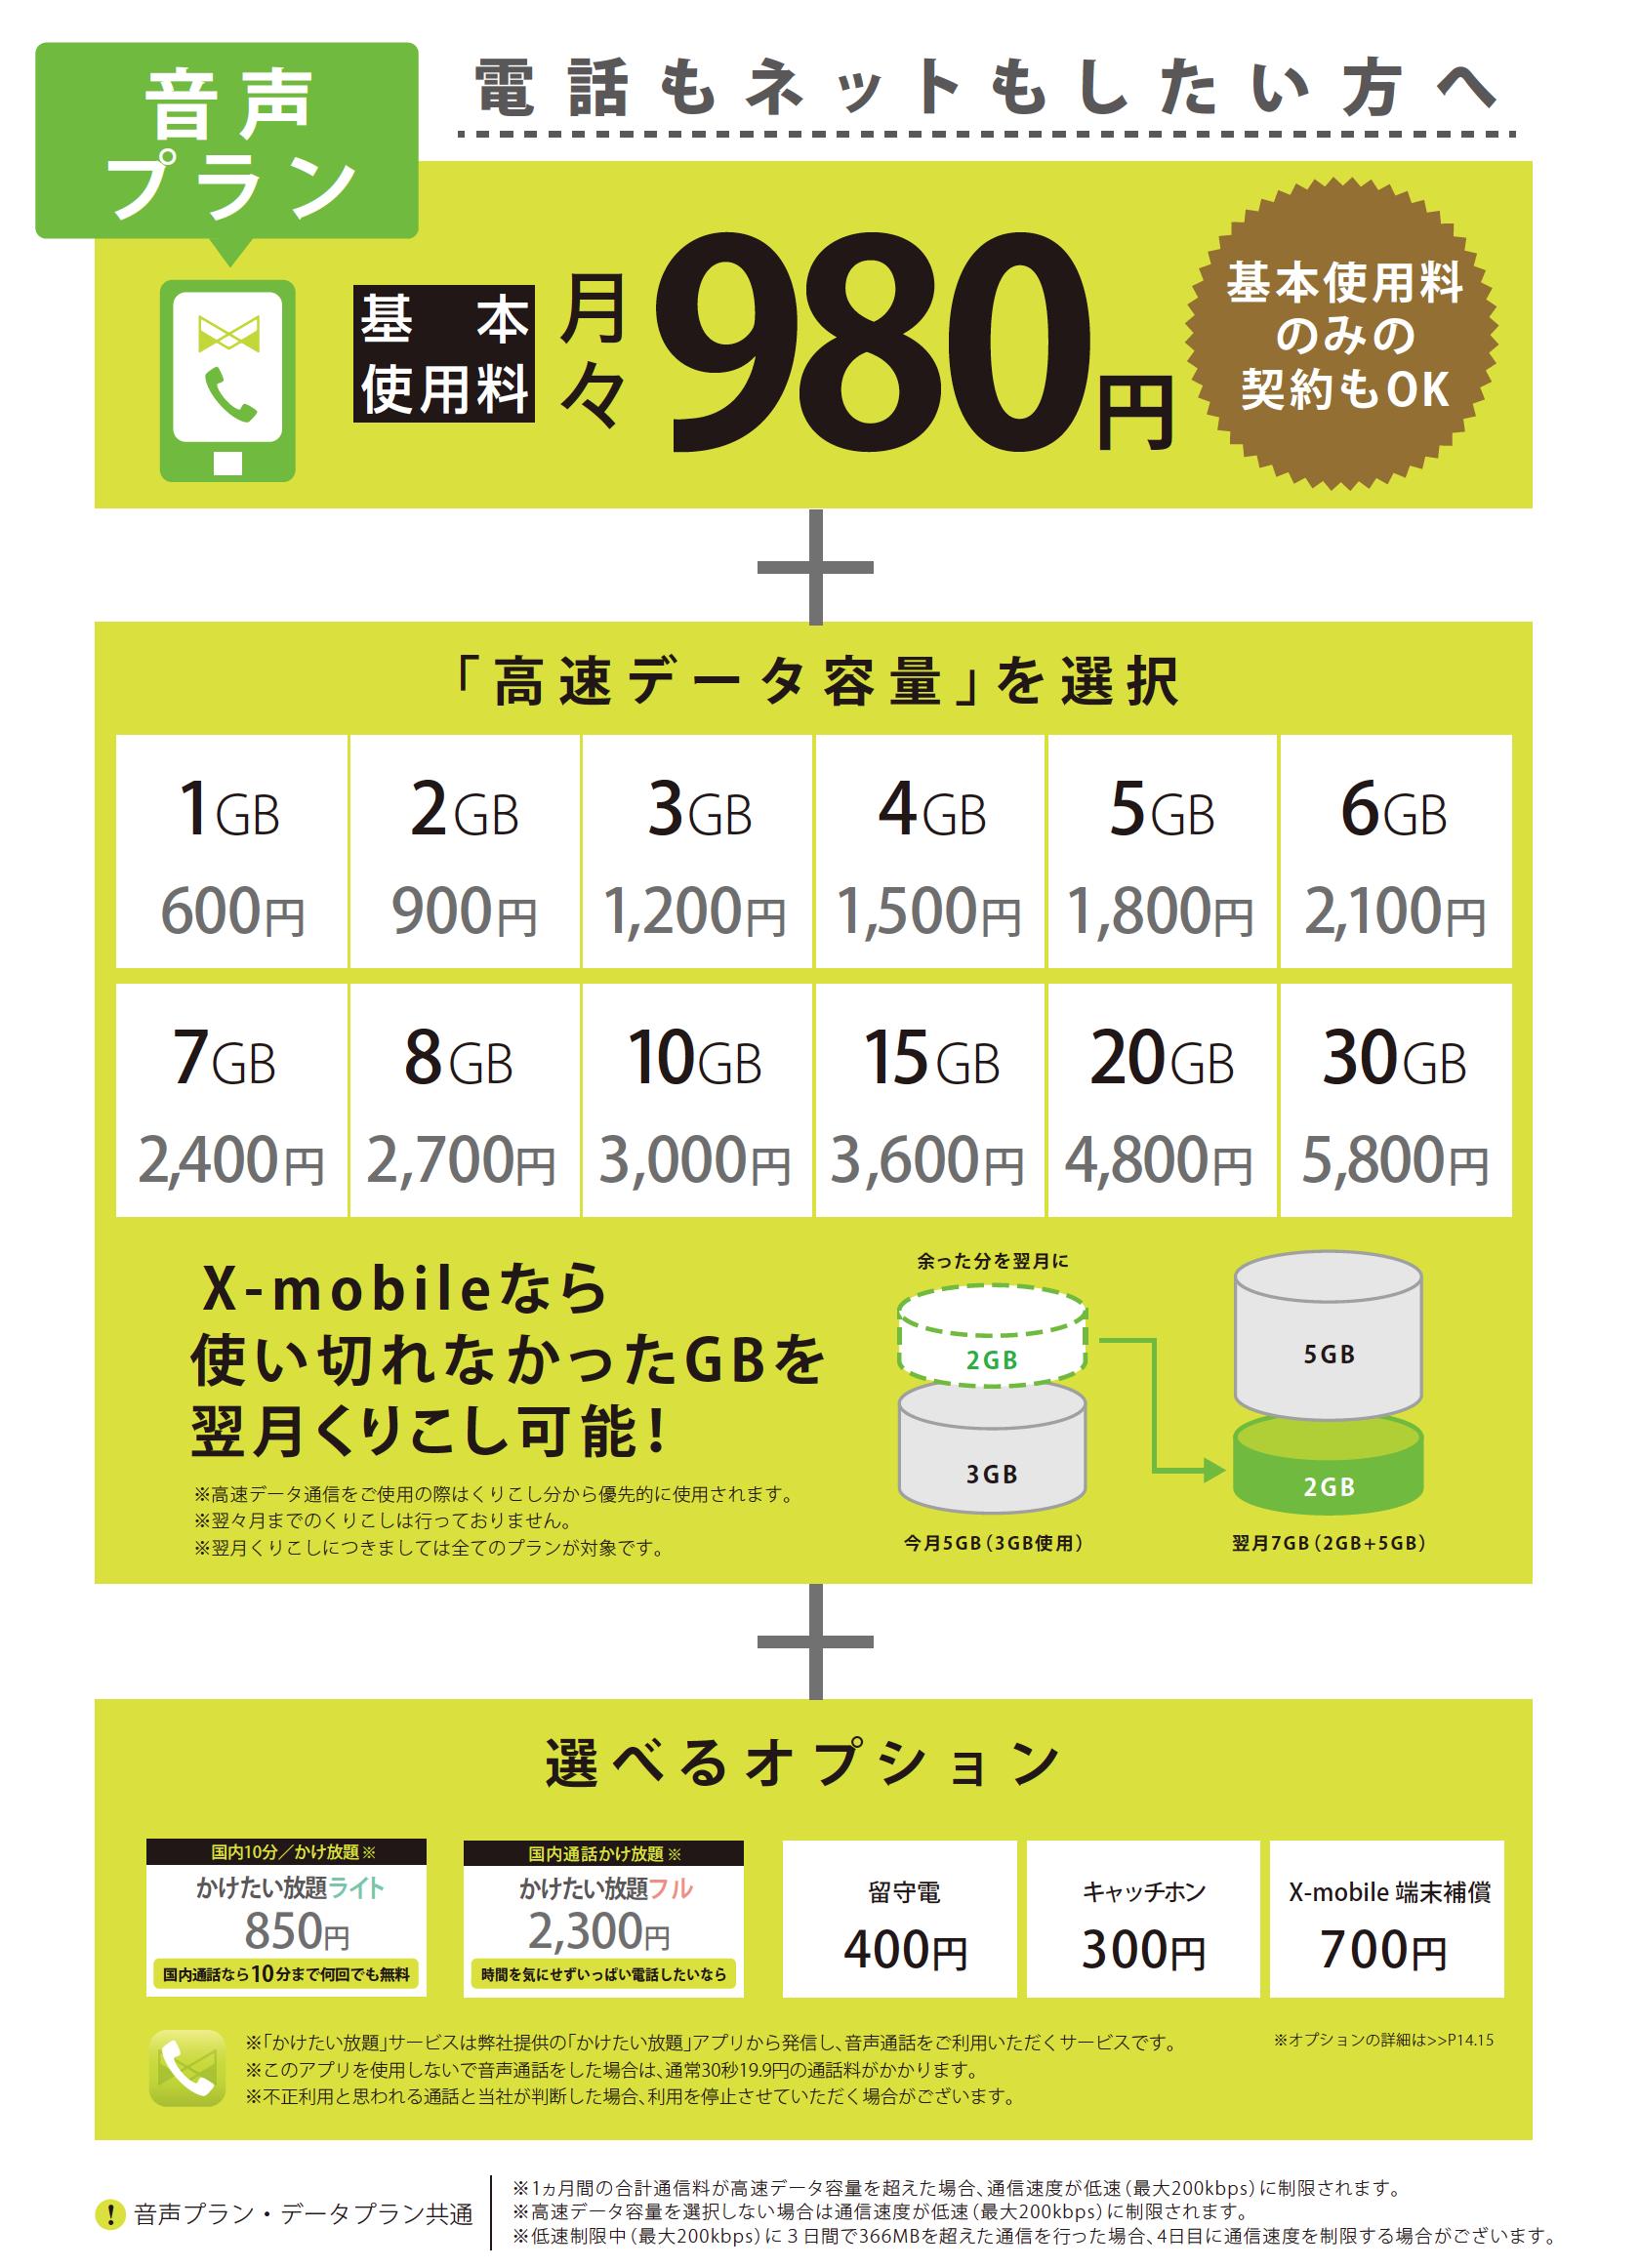 音声プラン980円+高速データ容量+選べるオプション